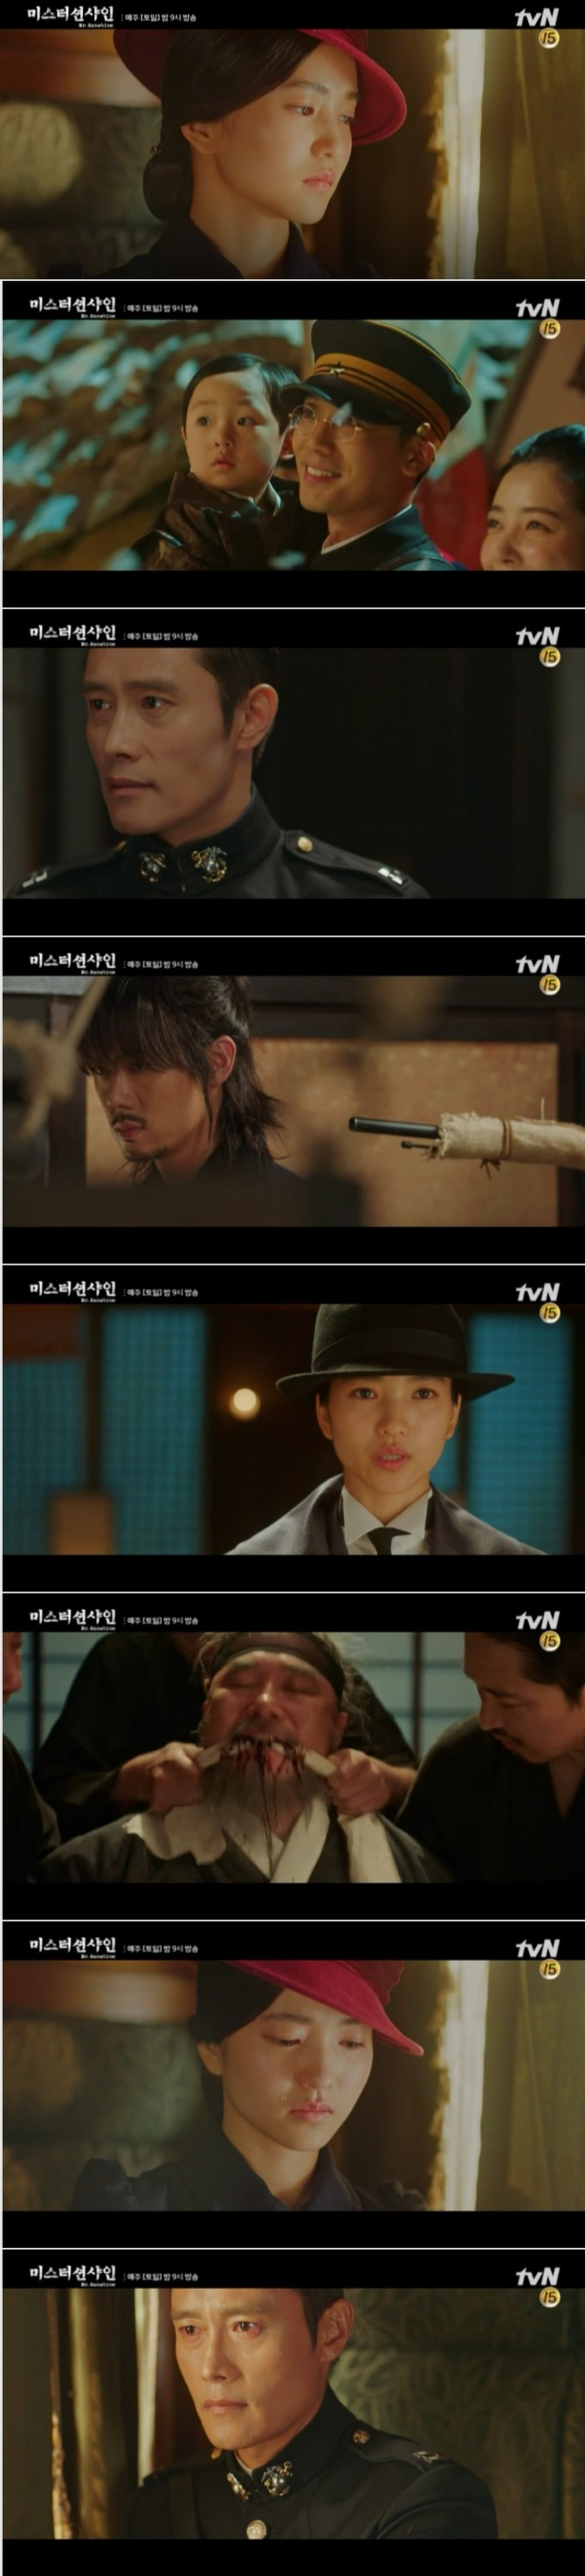 15일 오후 방송되는 tvN 주말드라마 '미스터 션샤인' 21회에서는 고애신(김태리 분)이 일본으로 납치된 이정문(강신일 분)을 구하기 위해 최유진(이병헌 분)을 이용해 일본 입국에 성공하는 반전이 그려진다. 사진=tvN 영상 캡처